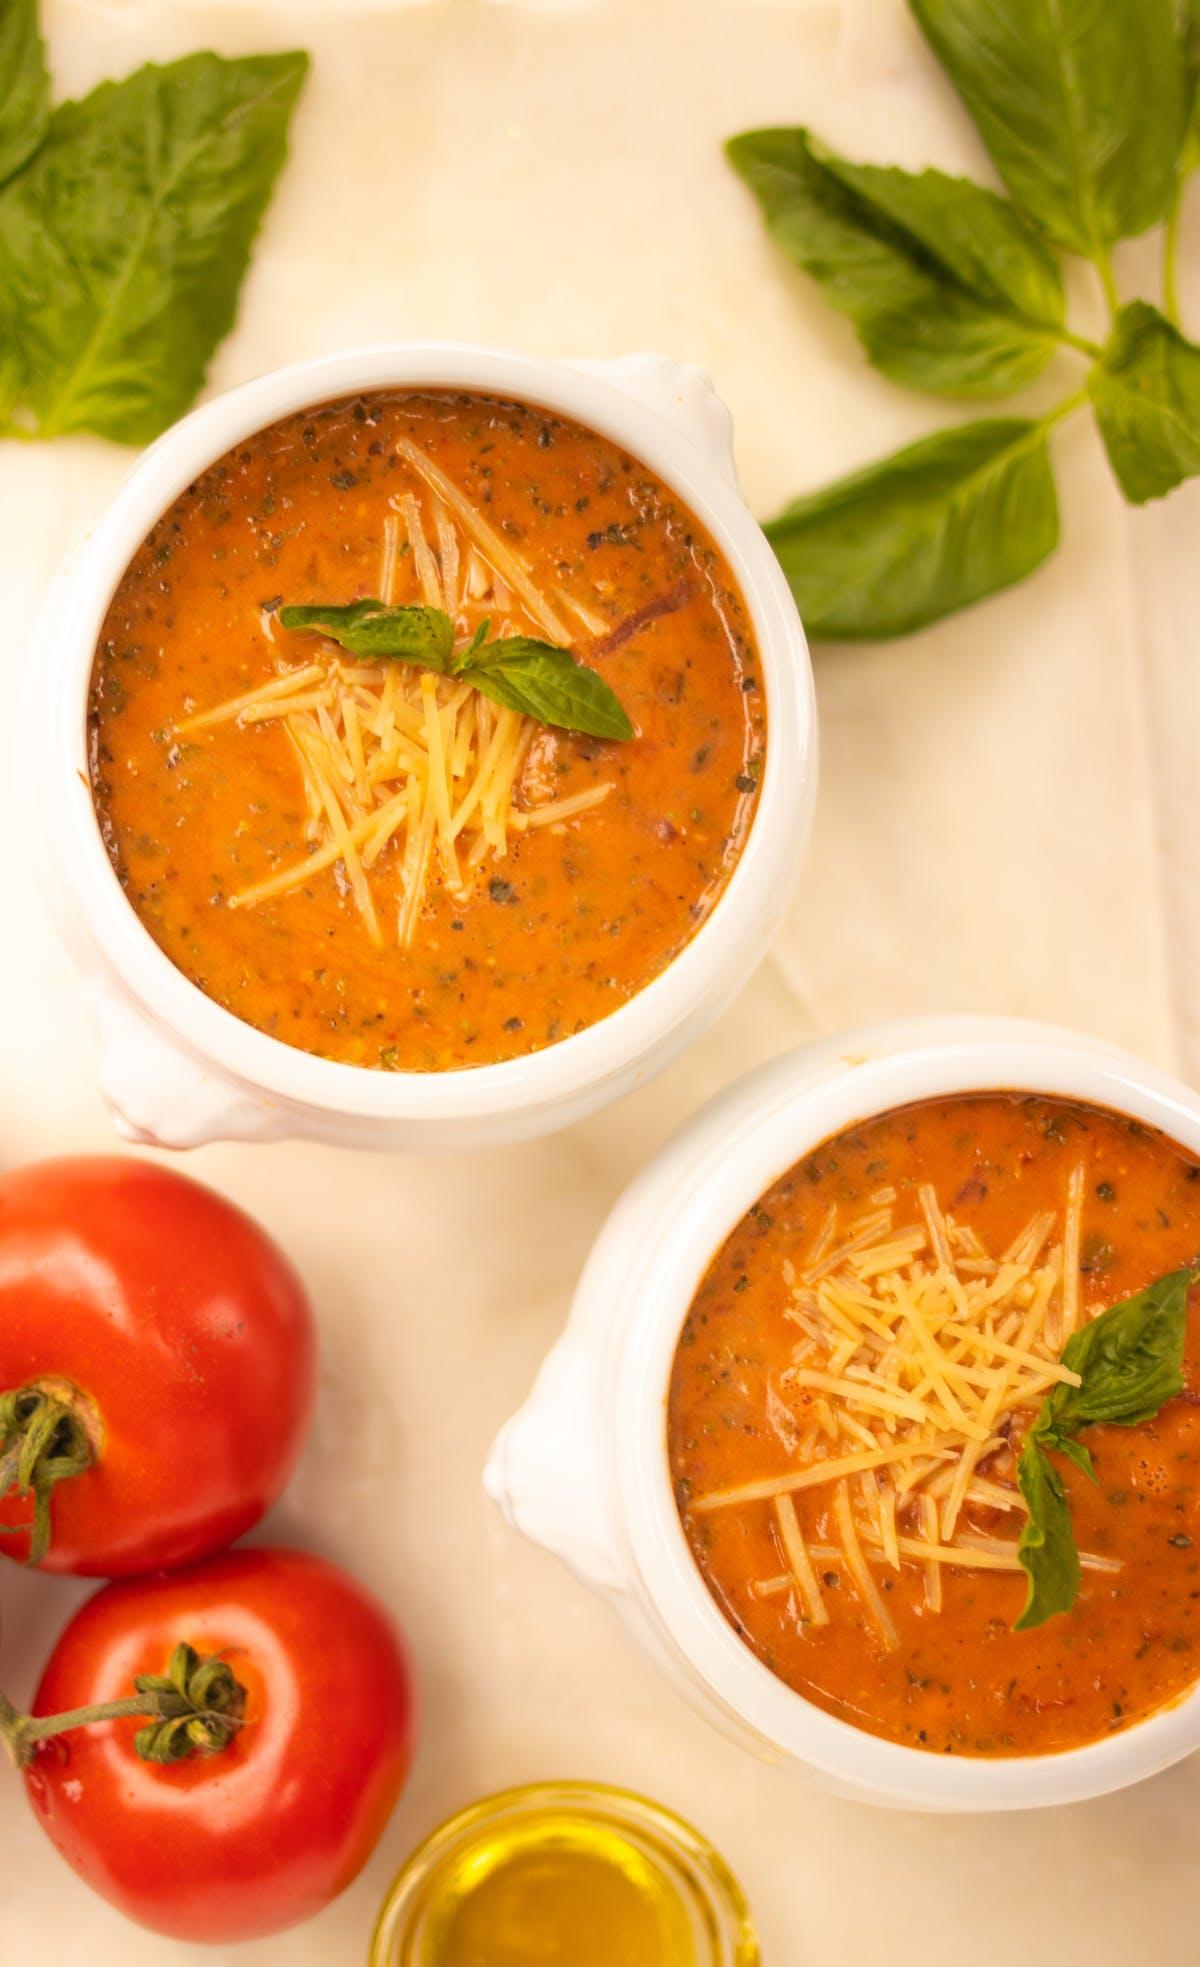 Sopa de tomate, albahaca y queso parmesano